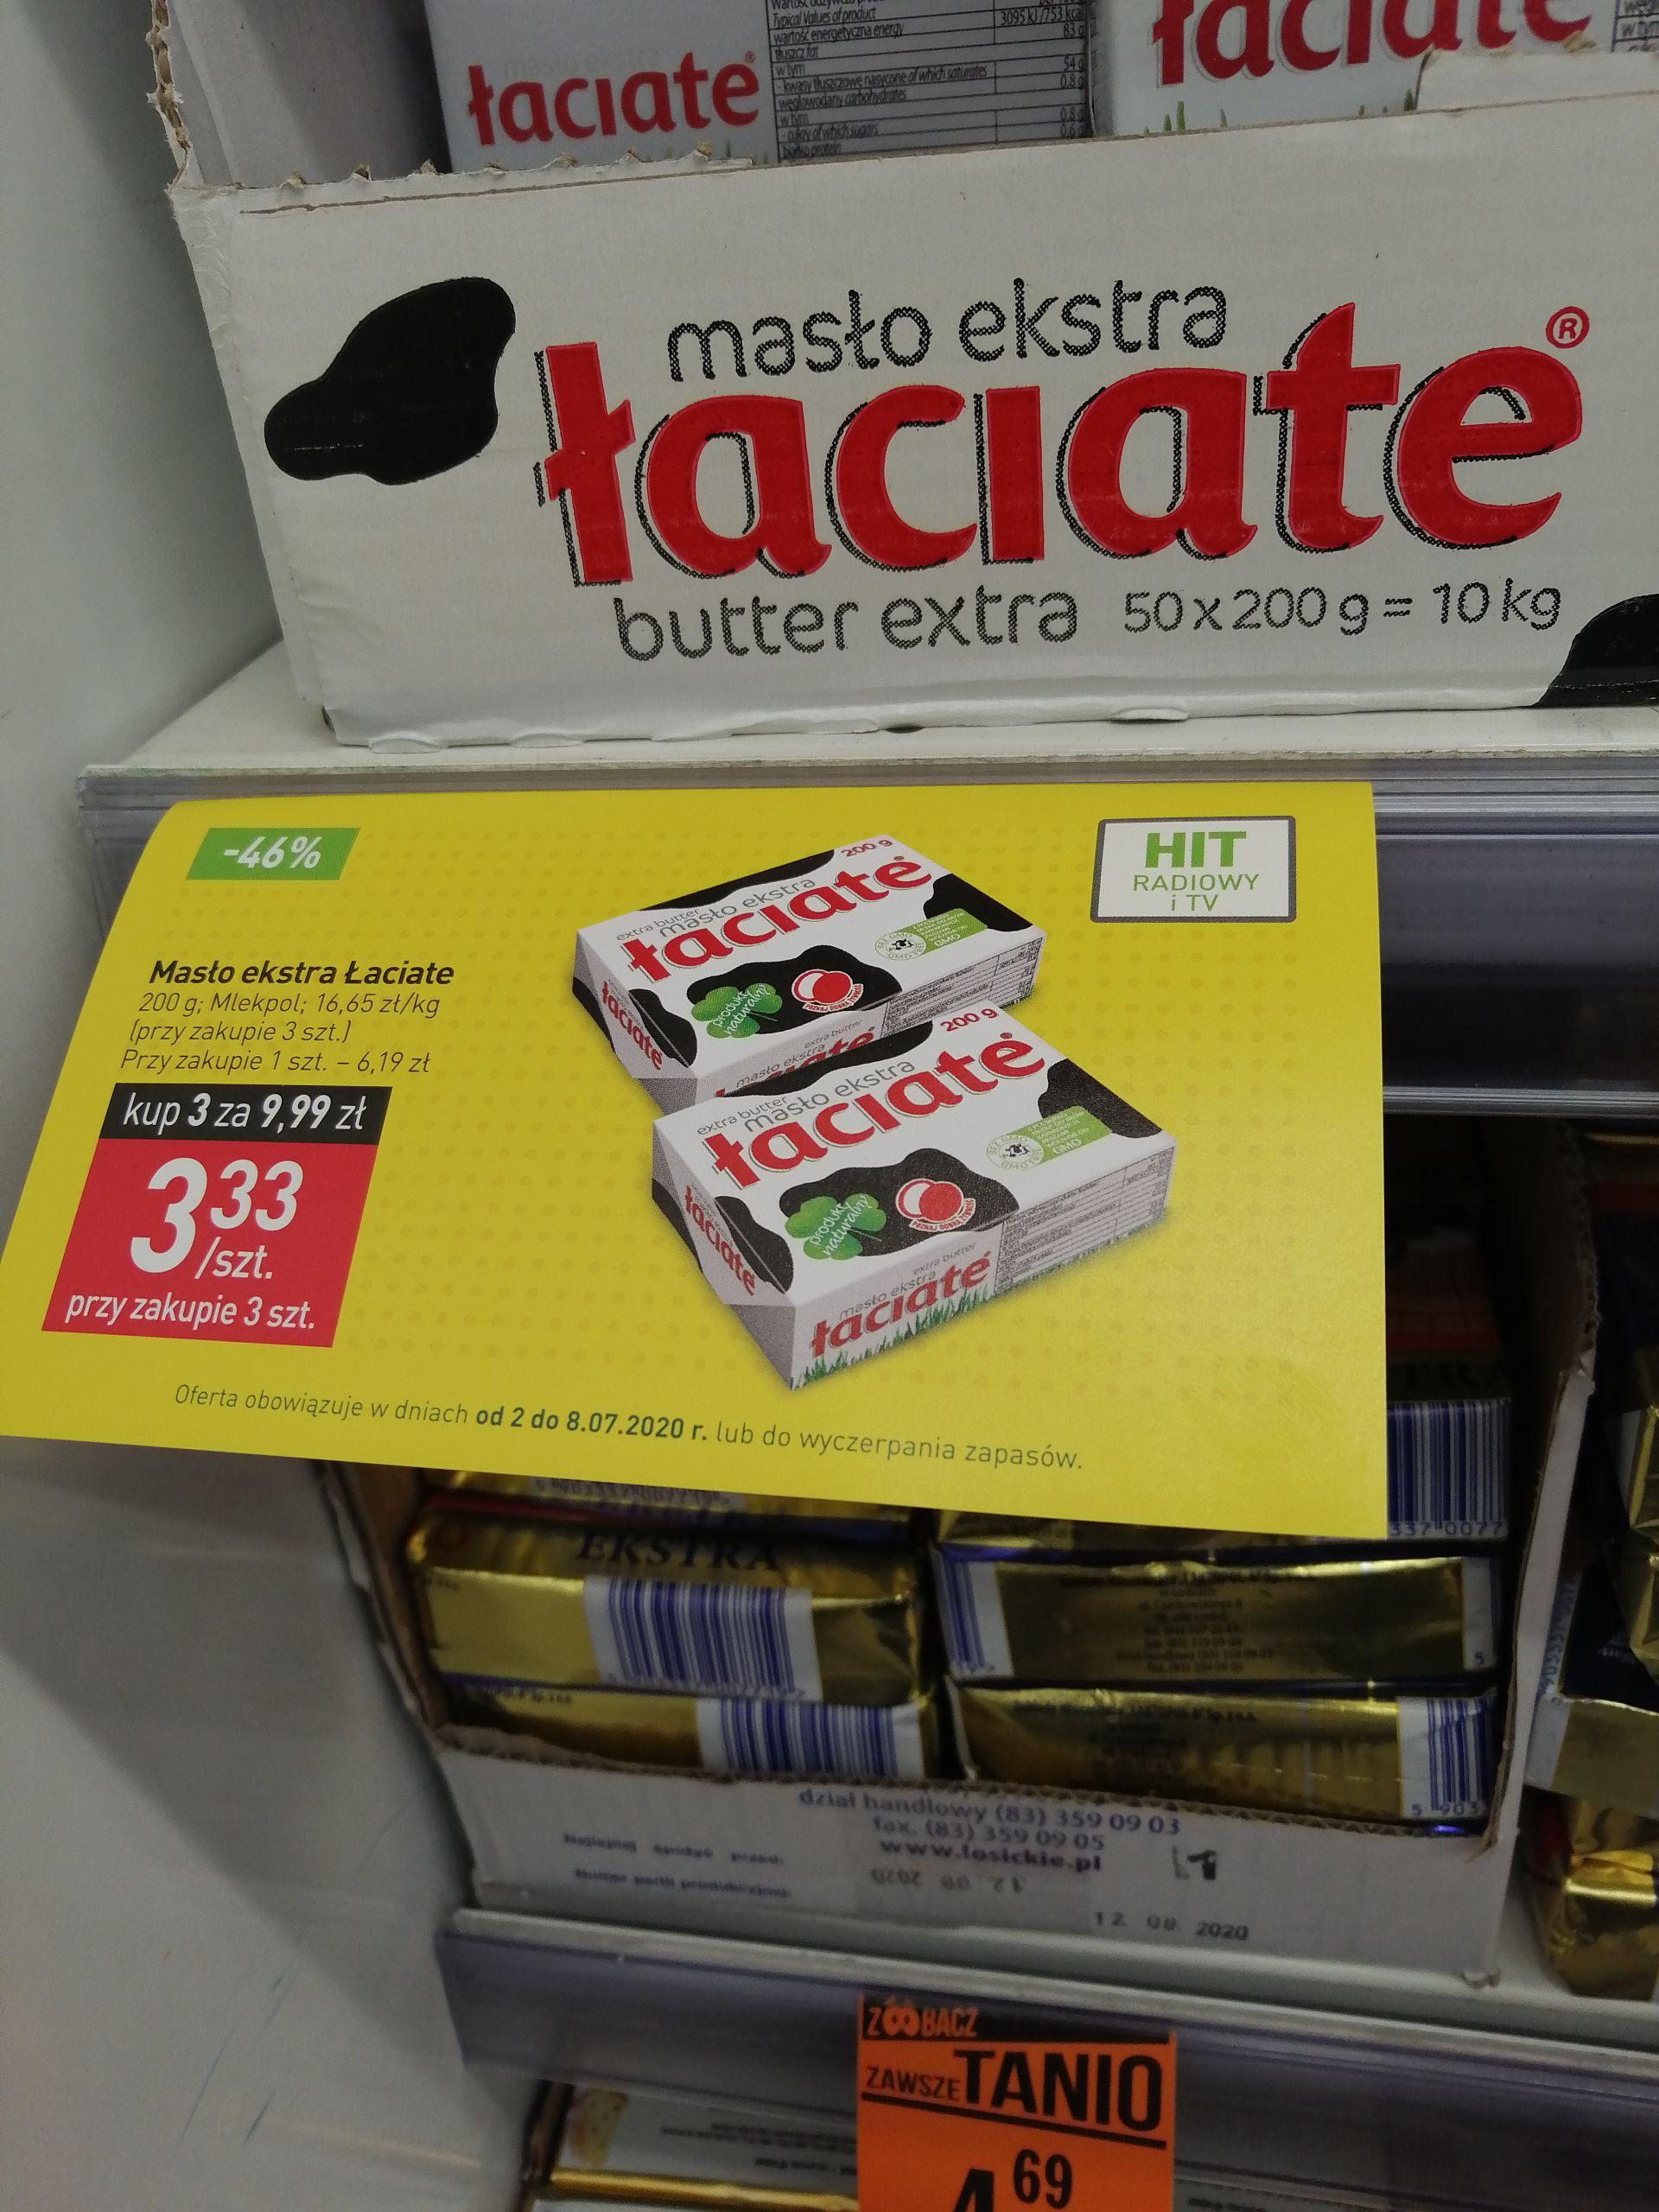 Masło ekstra Łaciate taniej przy zakupie 3 szt. - Stokrotka